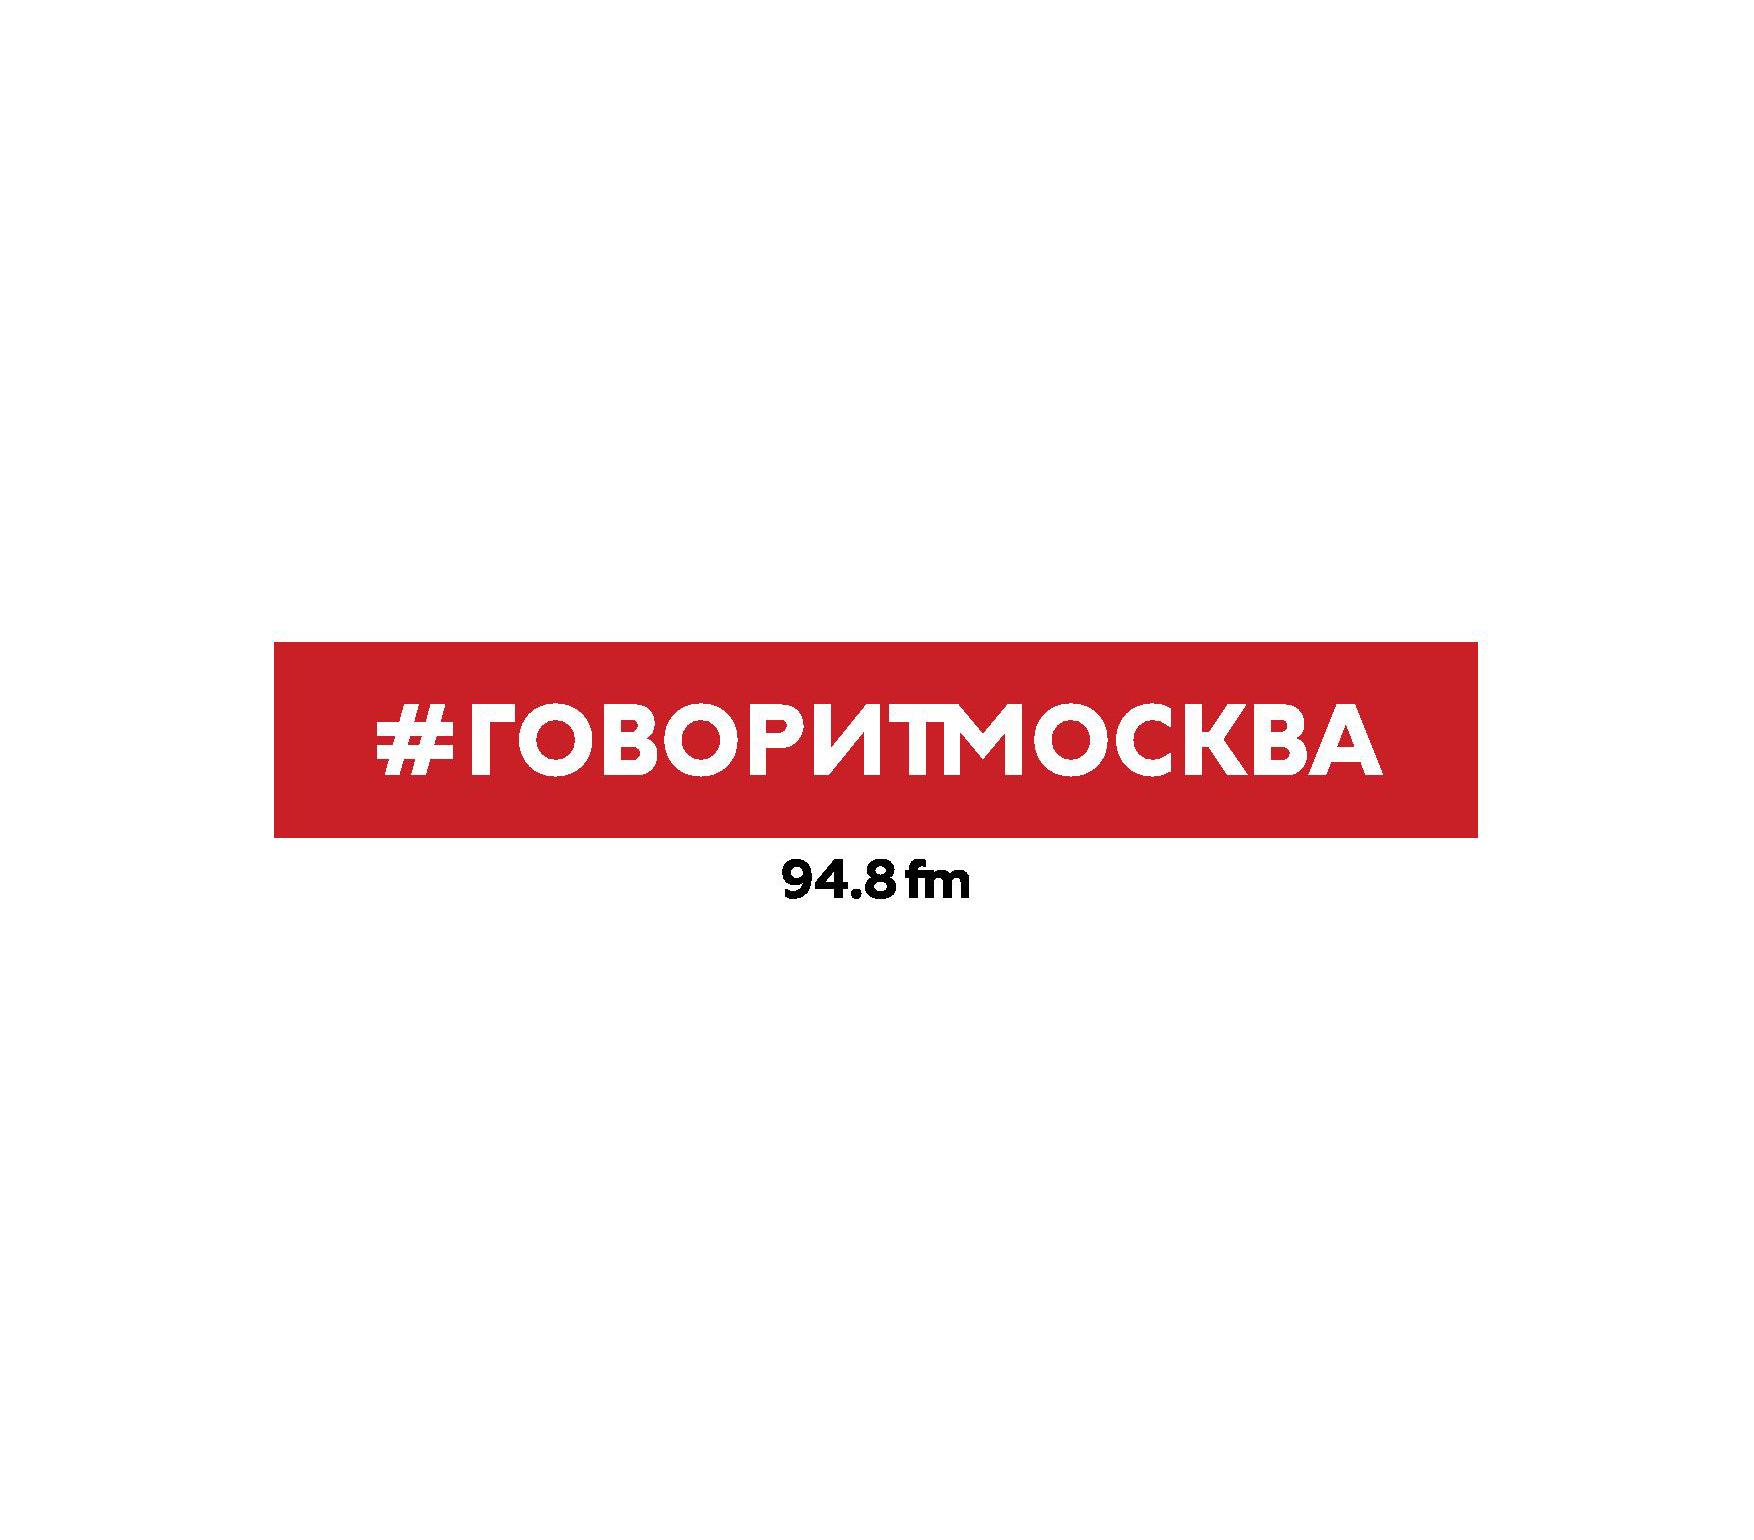 Макс Челноков 2 апреля. Николай Гончар макс челноков 14 апреля андрей орлов